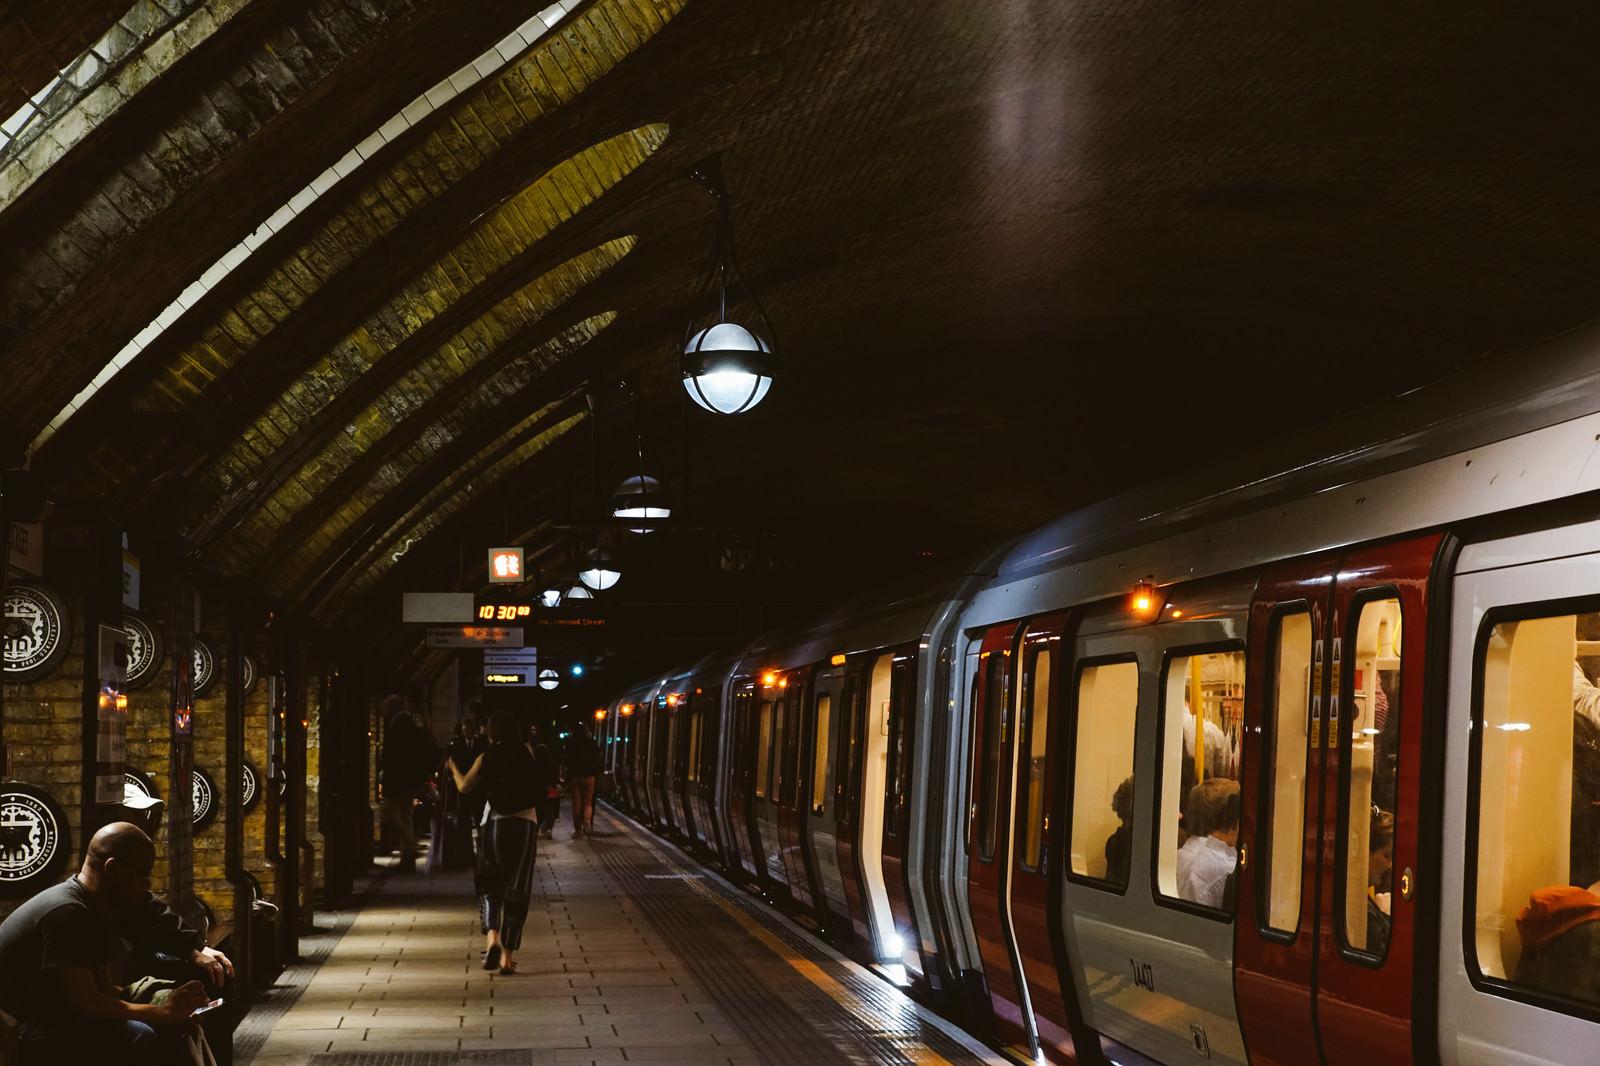 「地下鉄のホームと利用客(ロンドン)」の写真